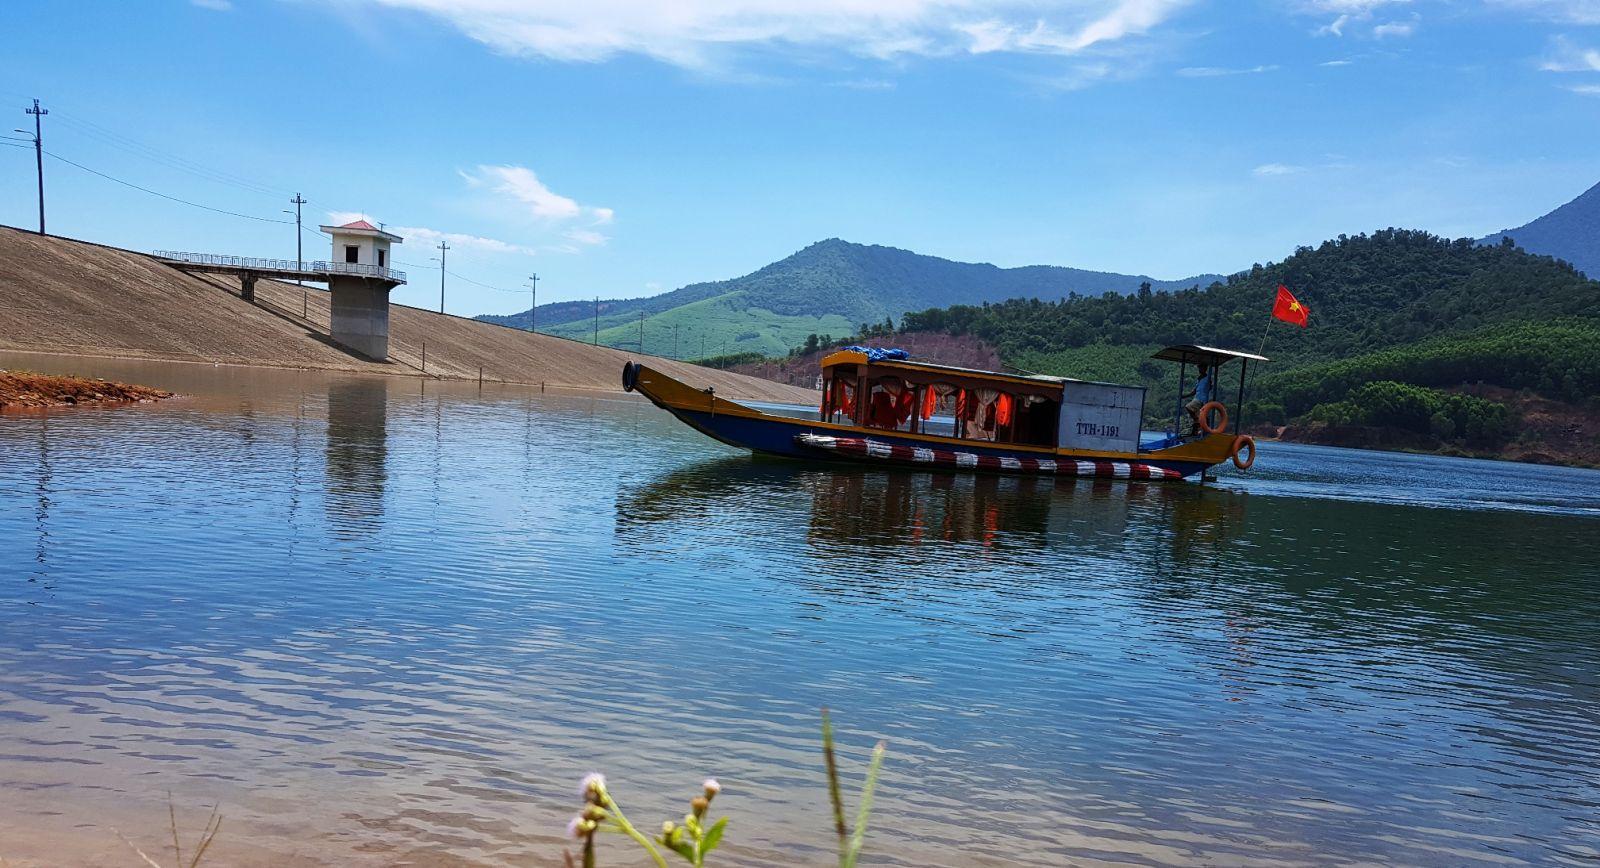 Du lịch Thủy Yên (Thừa Thiên Huế): Trải nghiệm lòng hồ và suối thác hoang sơ